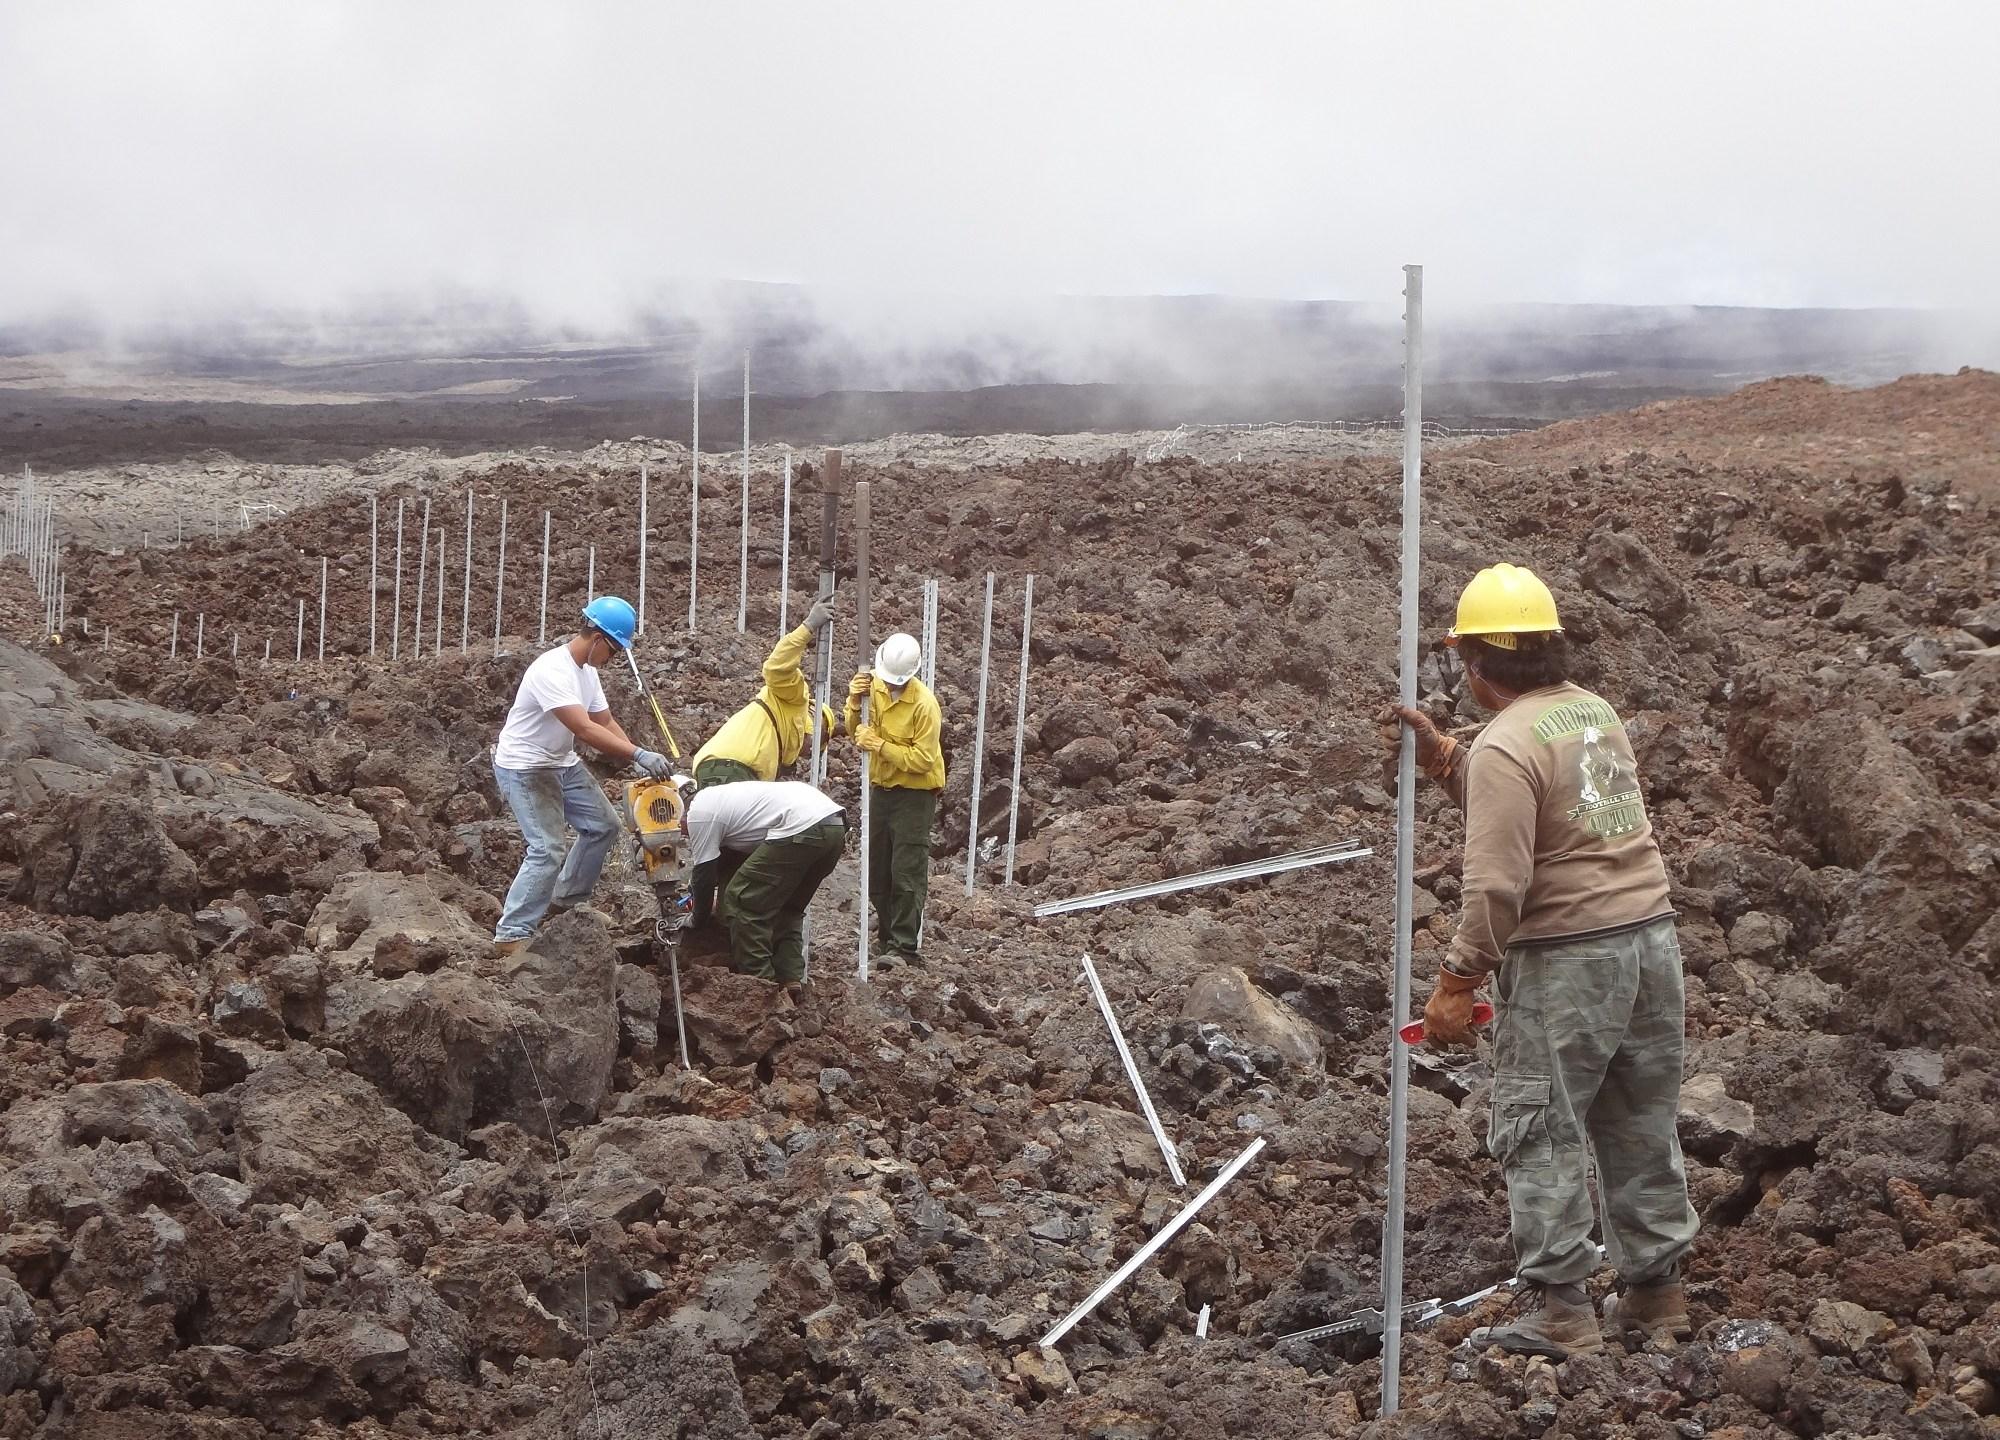 nps-crew-working-on-cat-proof-fence-in-lava-fields_181514